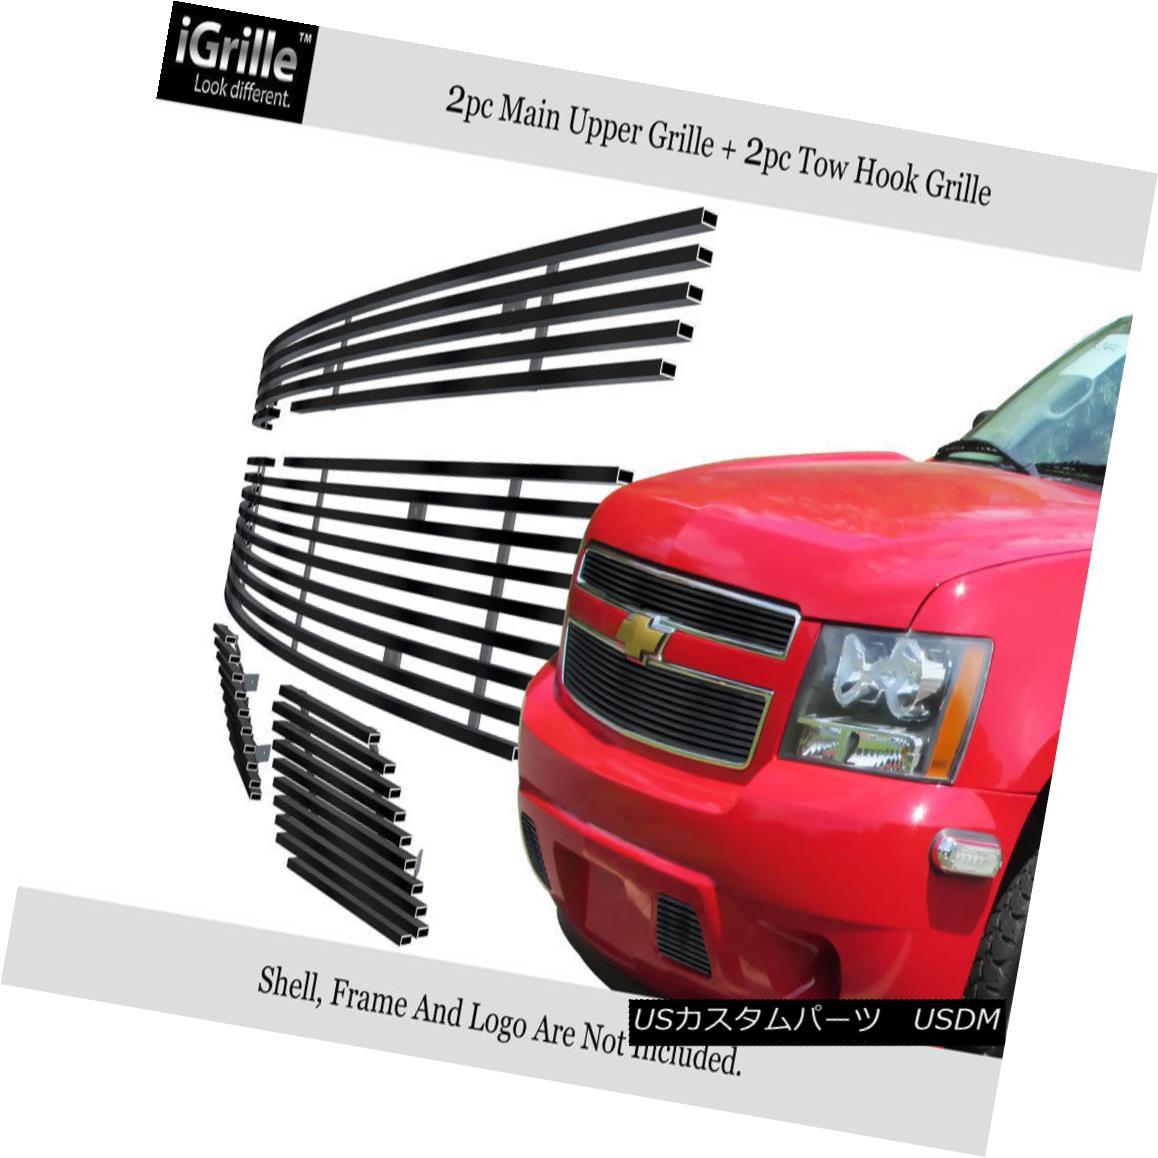 グリル For 2007-2014 Chevy/Suburban/Avalanche 304 Stainless Black Billet Grille Combo 2007-2014シボレー/郊外 /アバランチェ304ステンレスブラックビレットグリルコンボ用